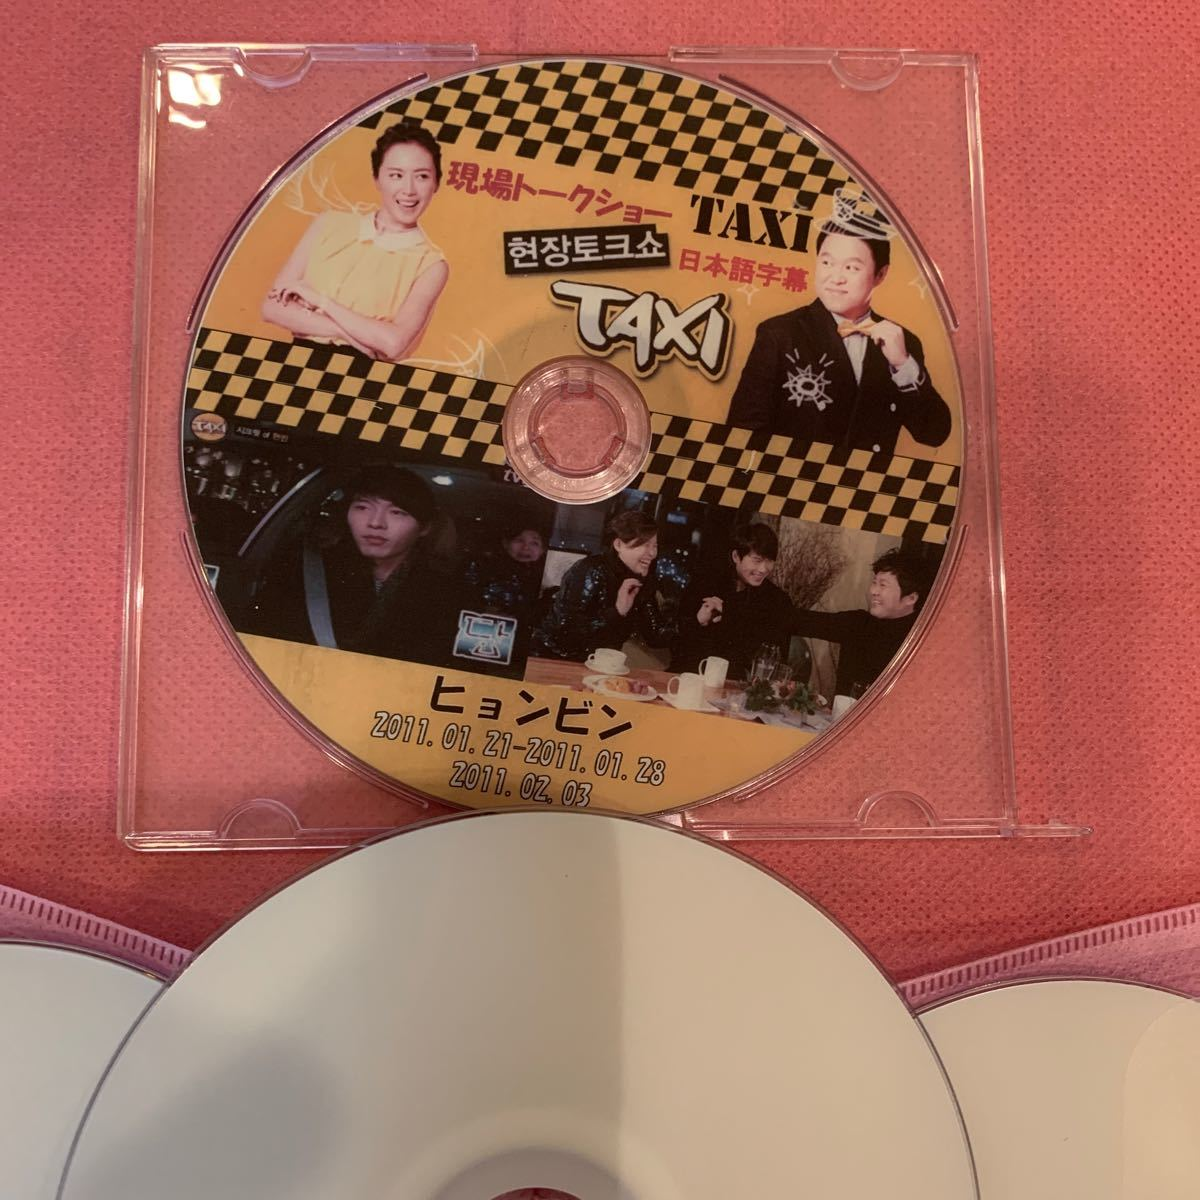 お値下げしました!ヒョンビン トーク番組TAXI +韓国映画3本DVD ヒョンビンペンは必見です!